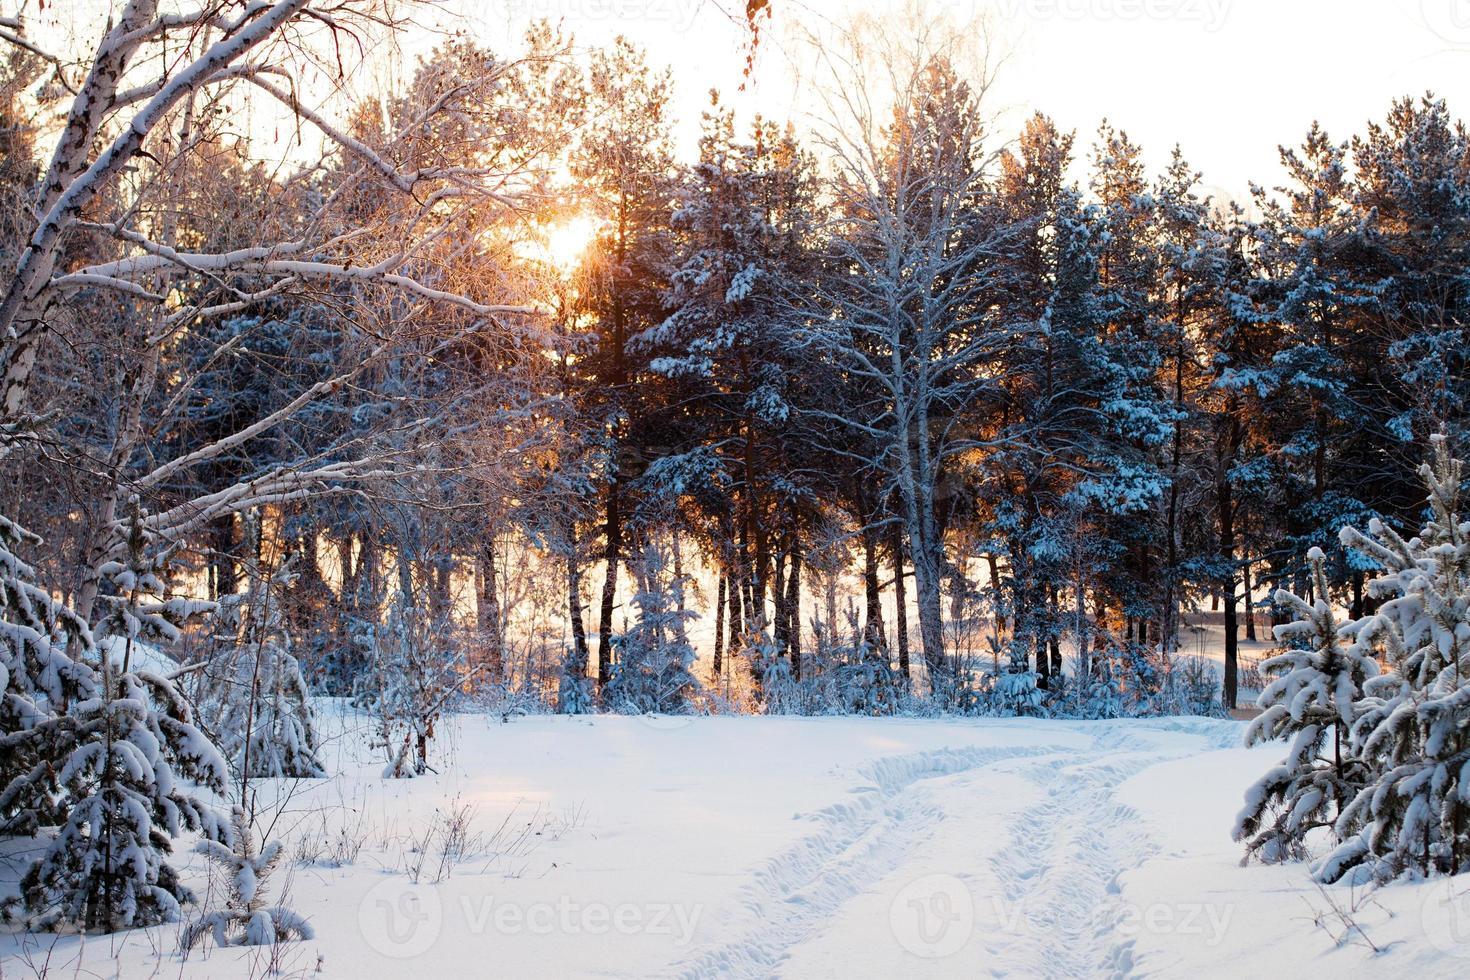 bosque de invierno al amanecer. foto